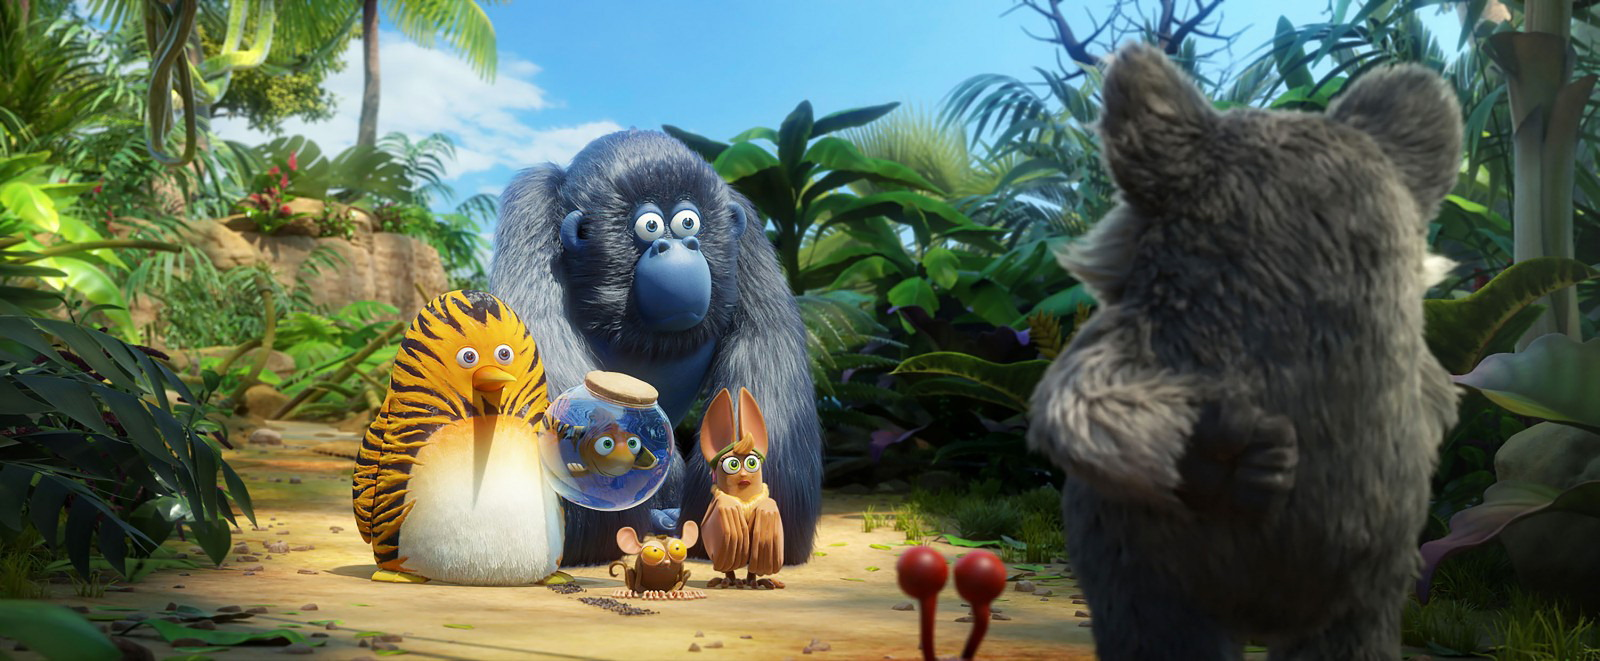 Die Dschungelhelden - Das grosse Kinoabenteuer